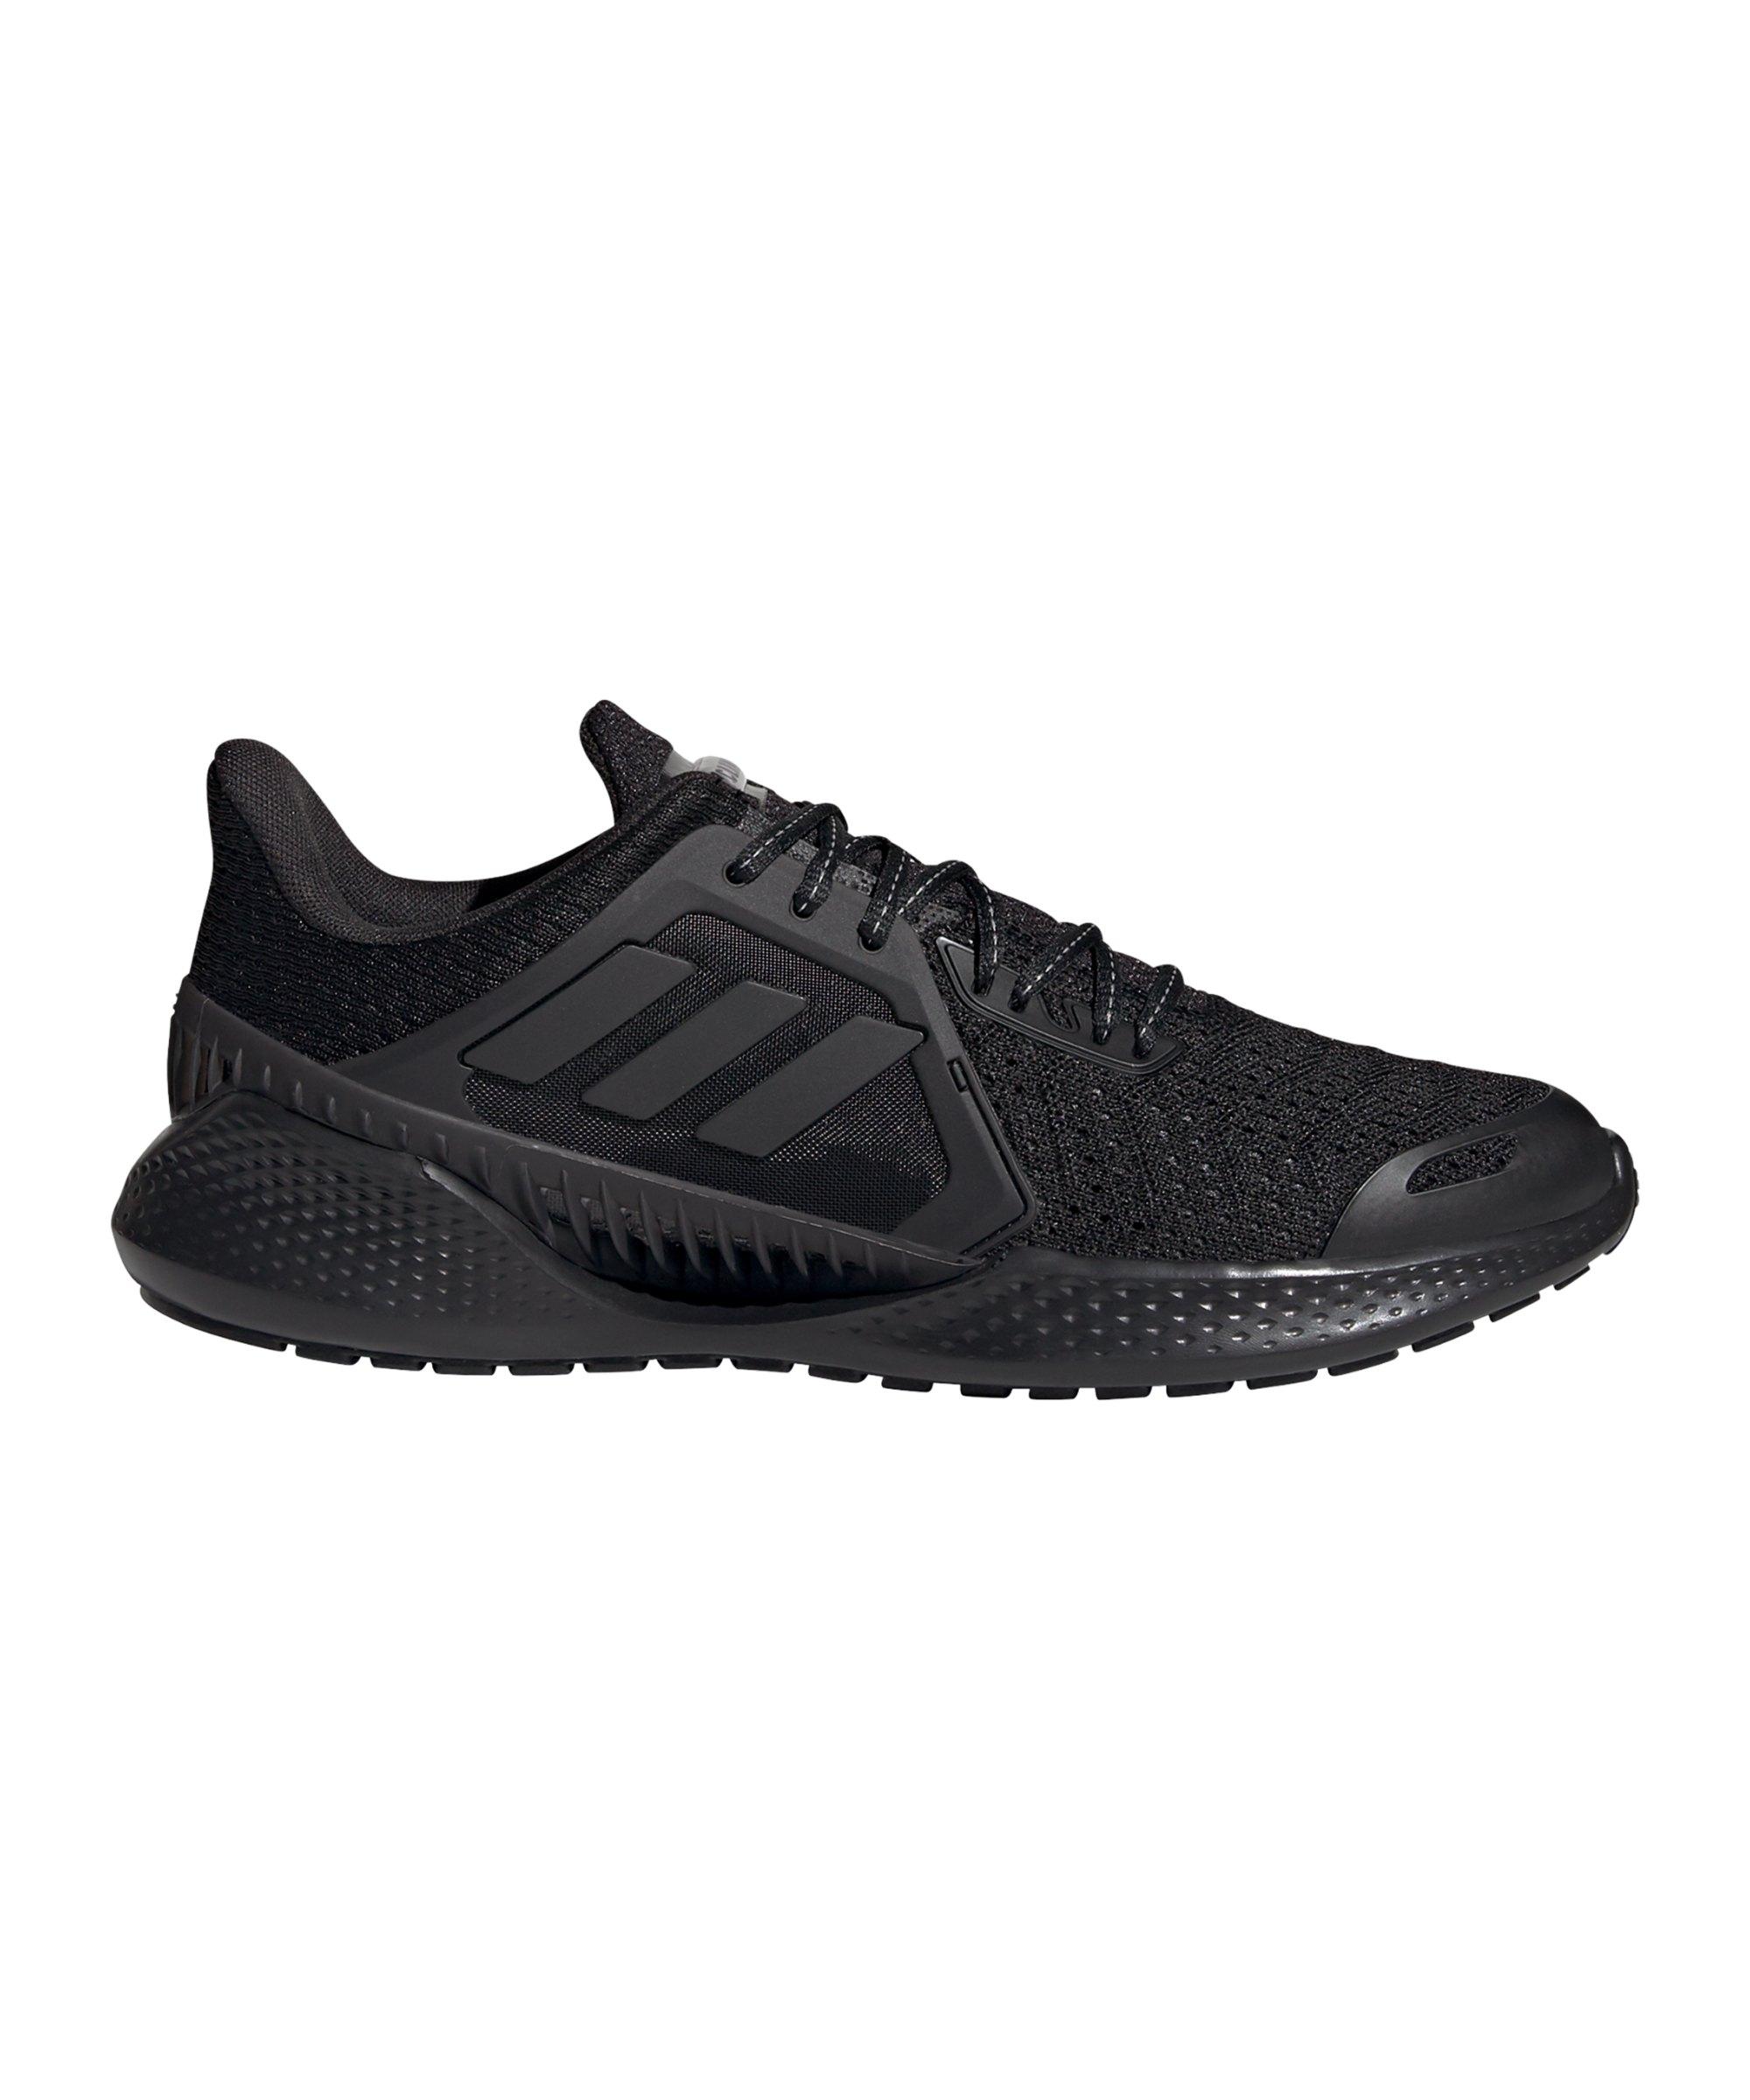 adidas Vent Running Schwarz - schwarz